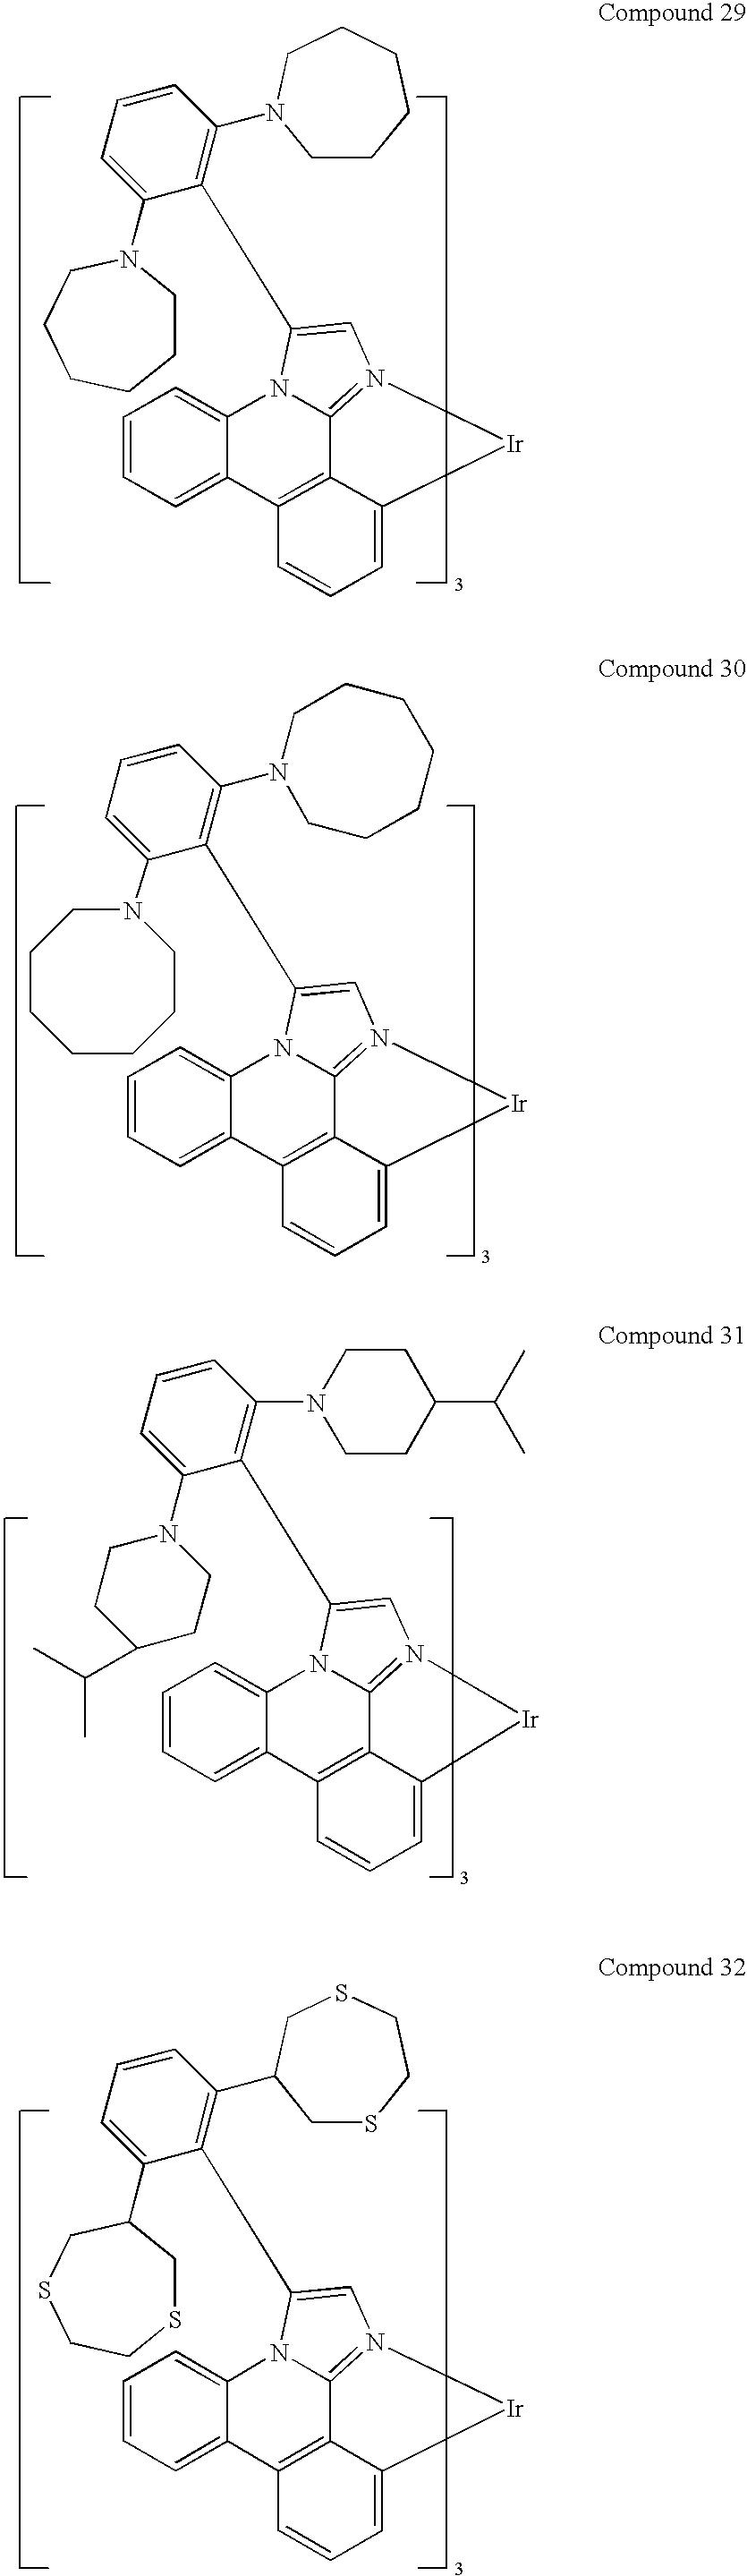 Figure US20100148663A1-20100617-C00014